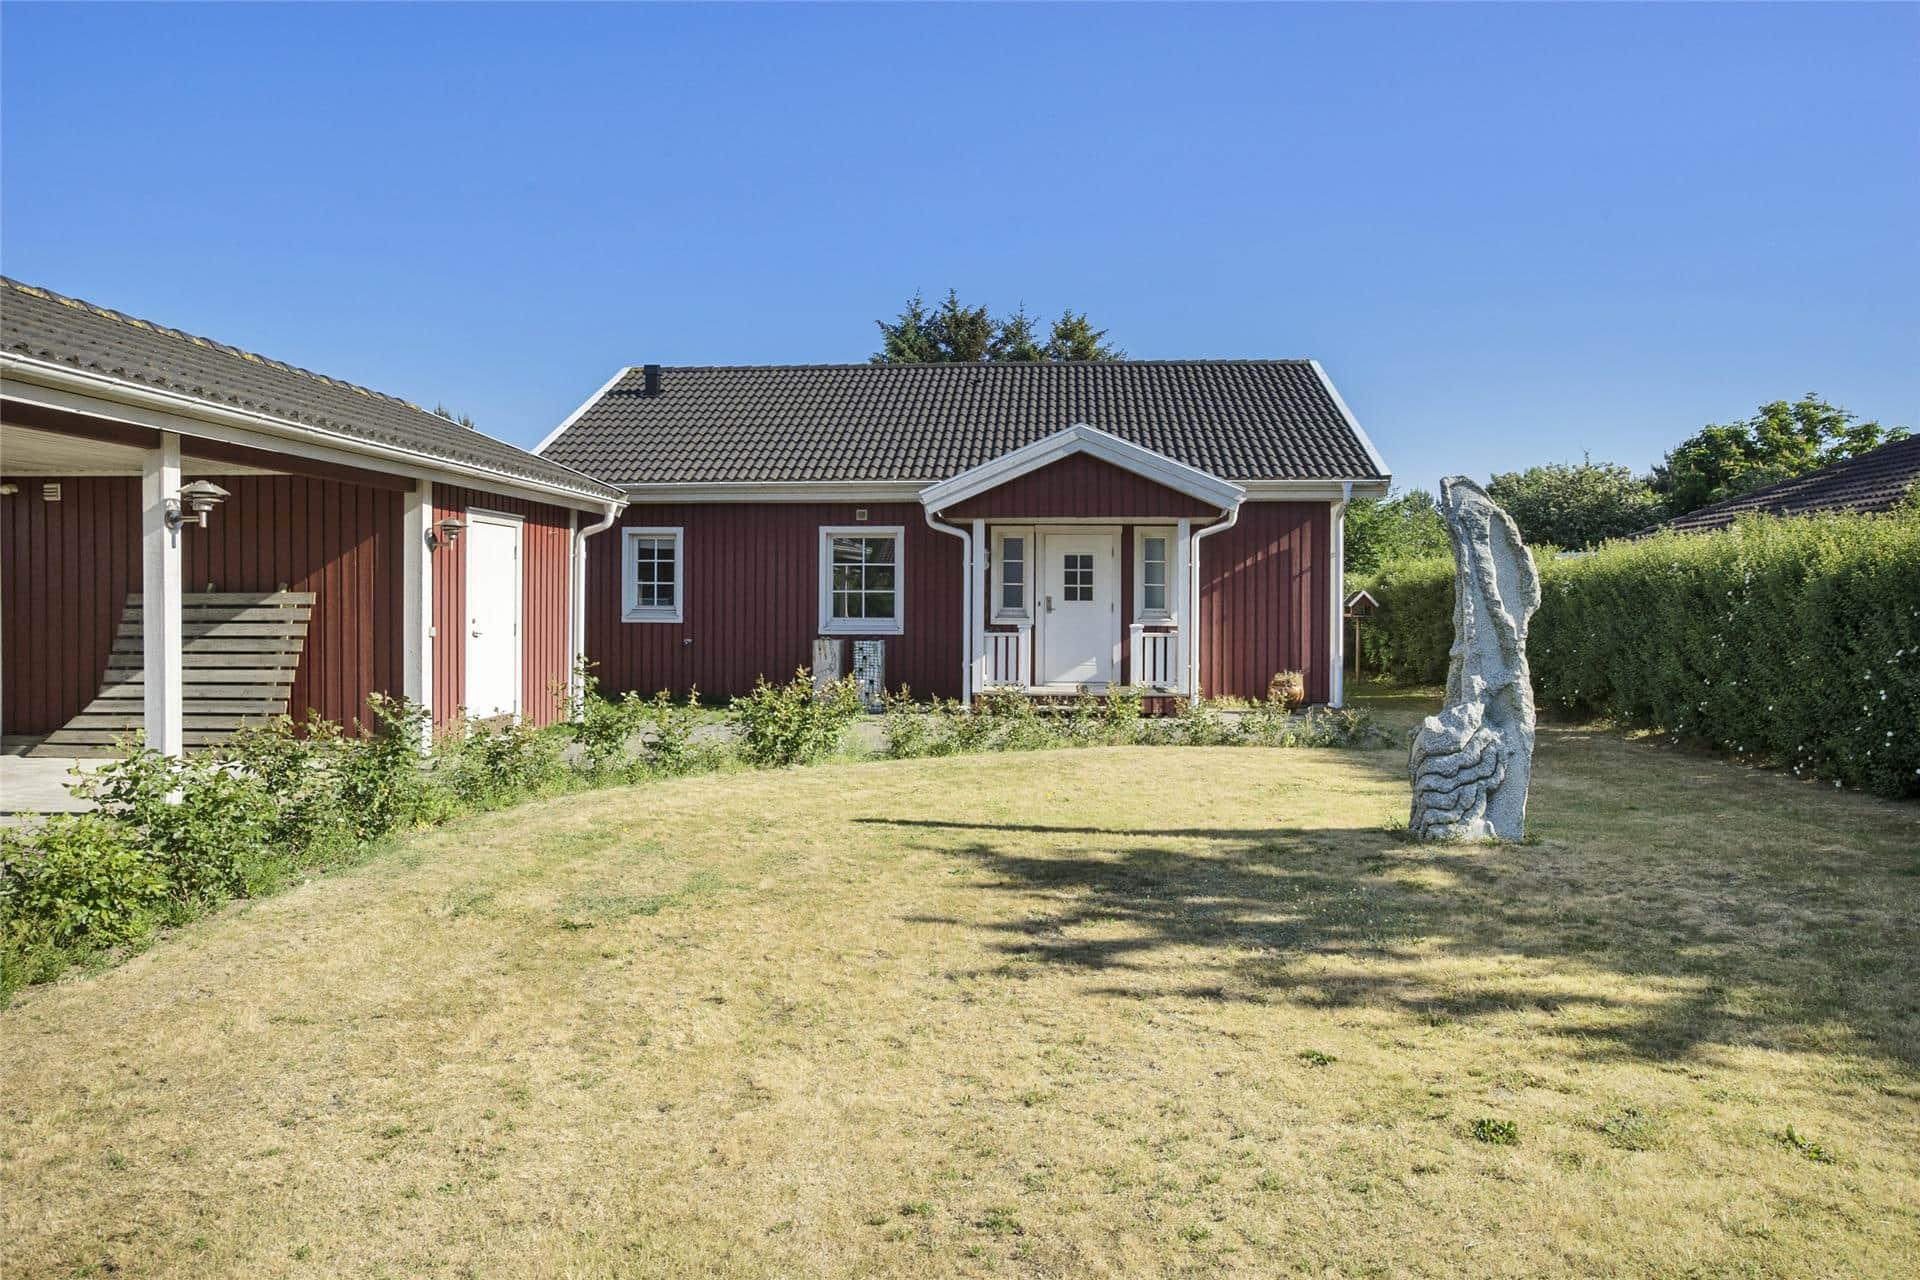 Billede 1-148 Sommerhus TV1360, Munkebakken 5, DK - 9881 Bindslev